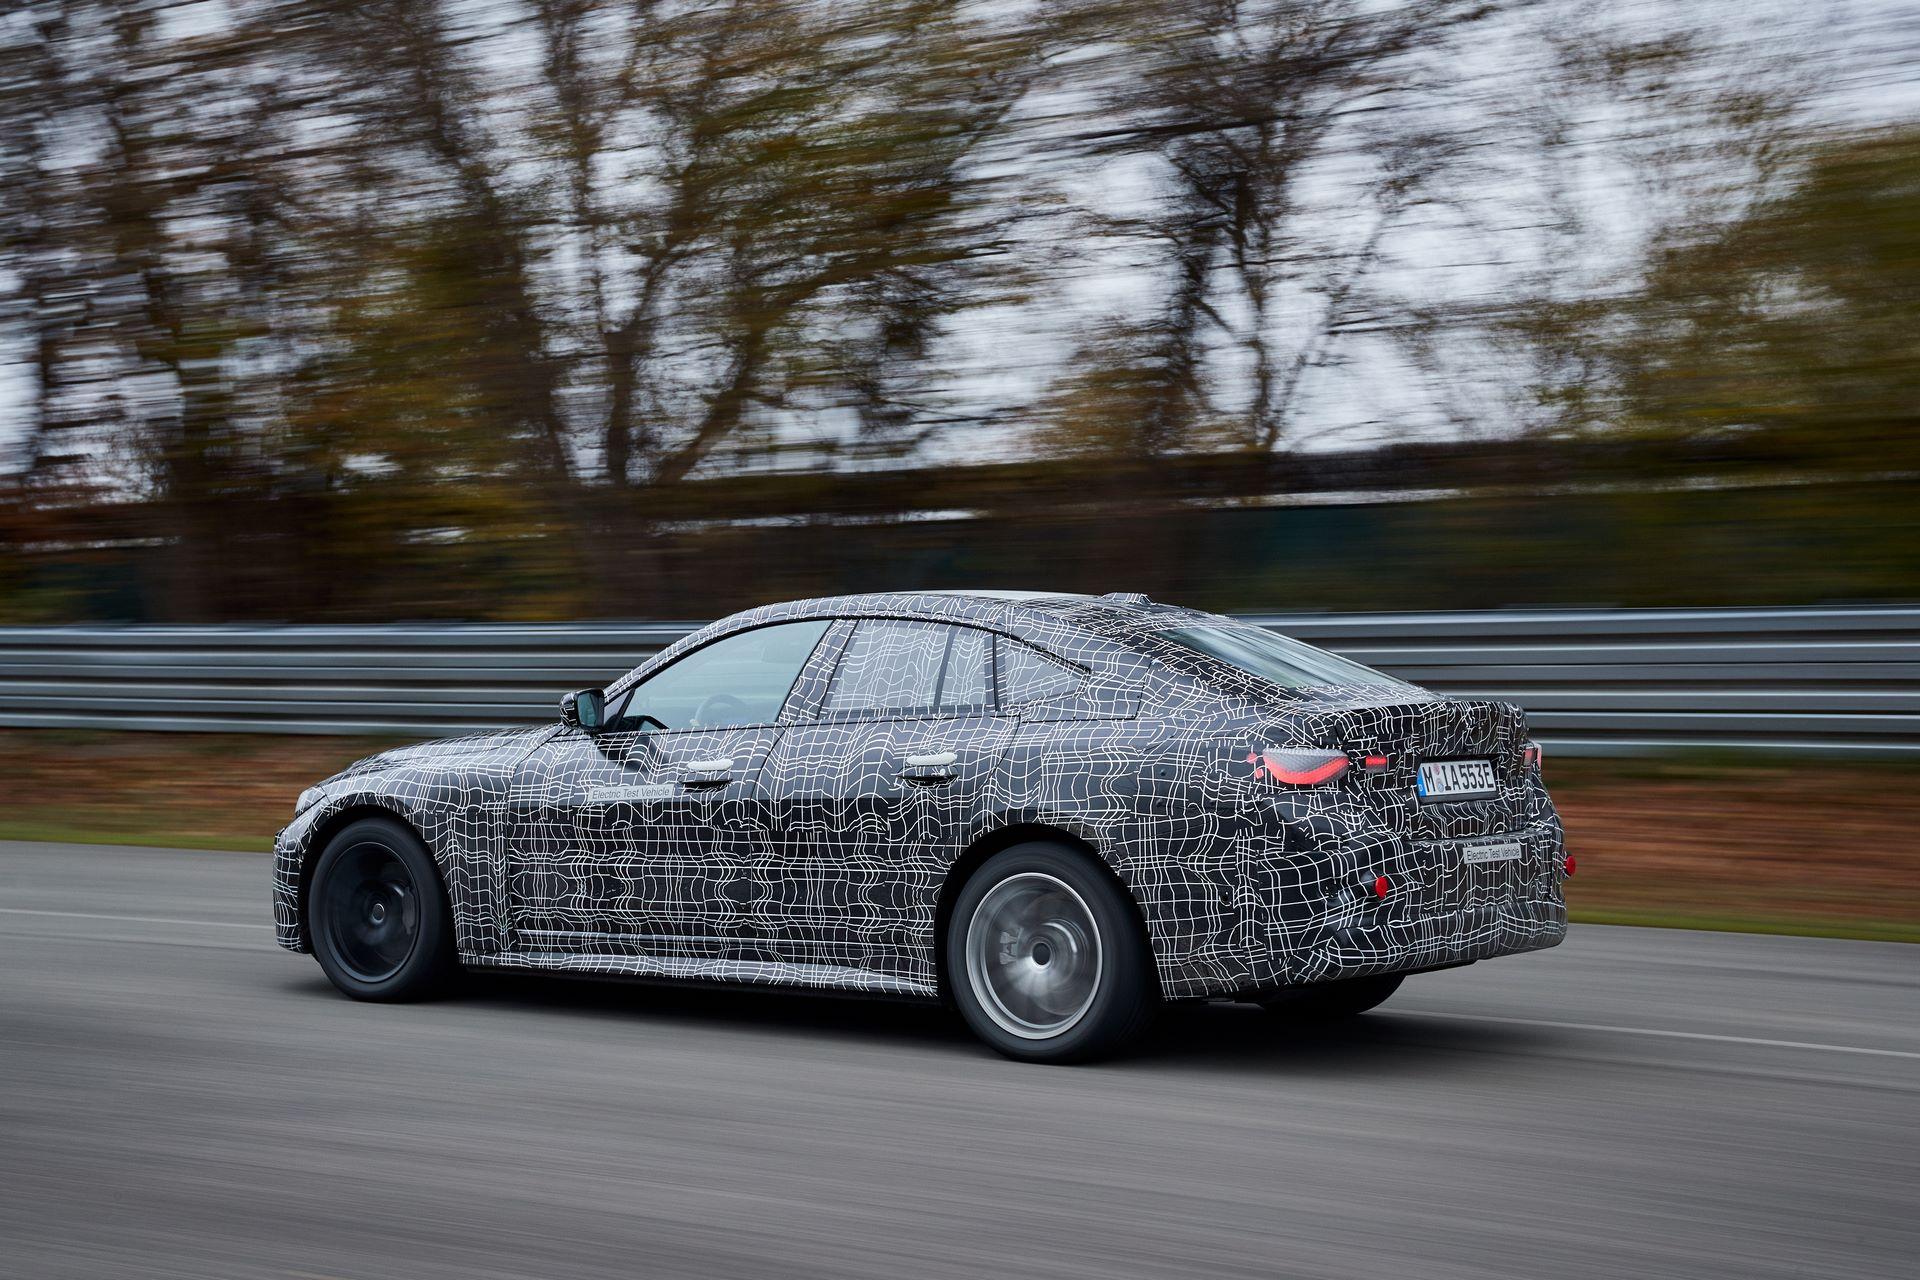 BMW-i4-spy-photos-9